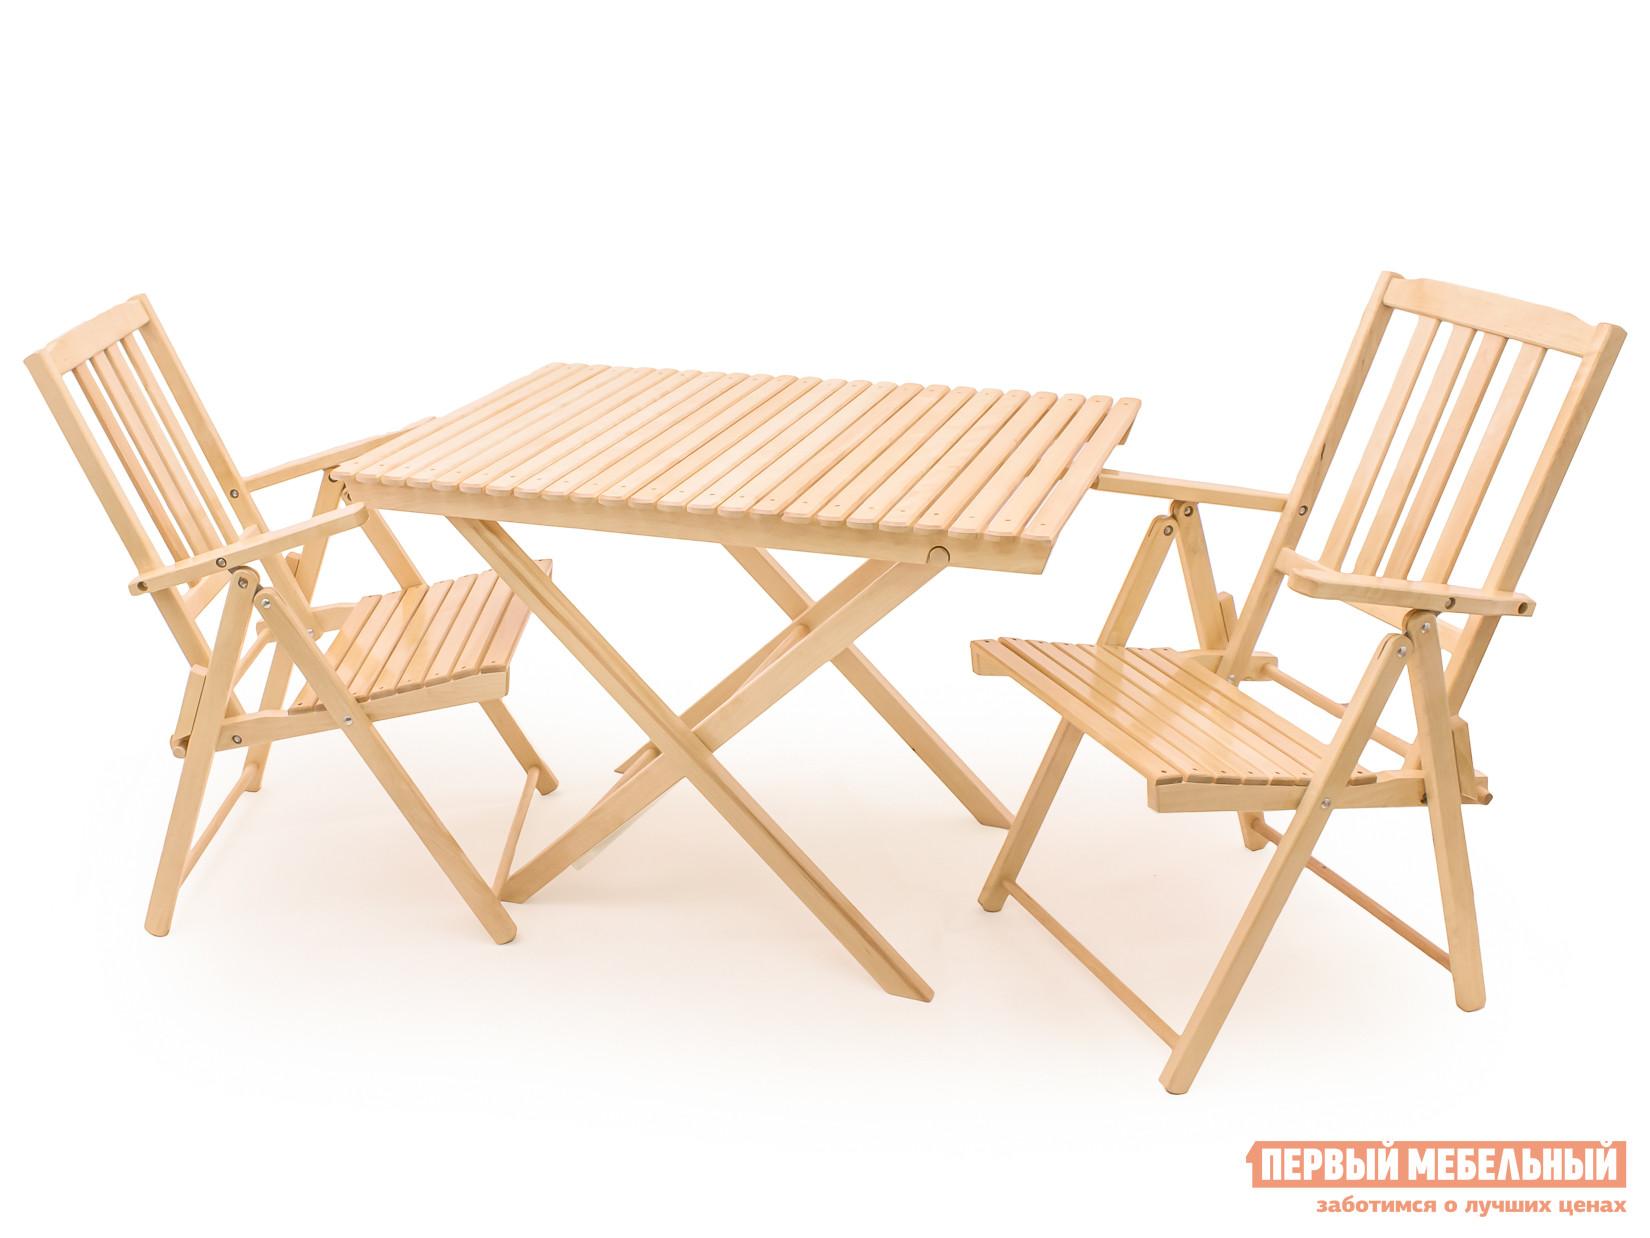 Комплект садовой мебели СМКА СМ004Б+СМ047Б 2 шт Береза от Купистол